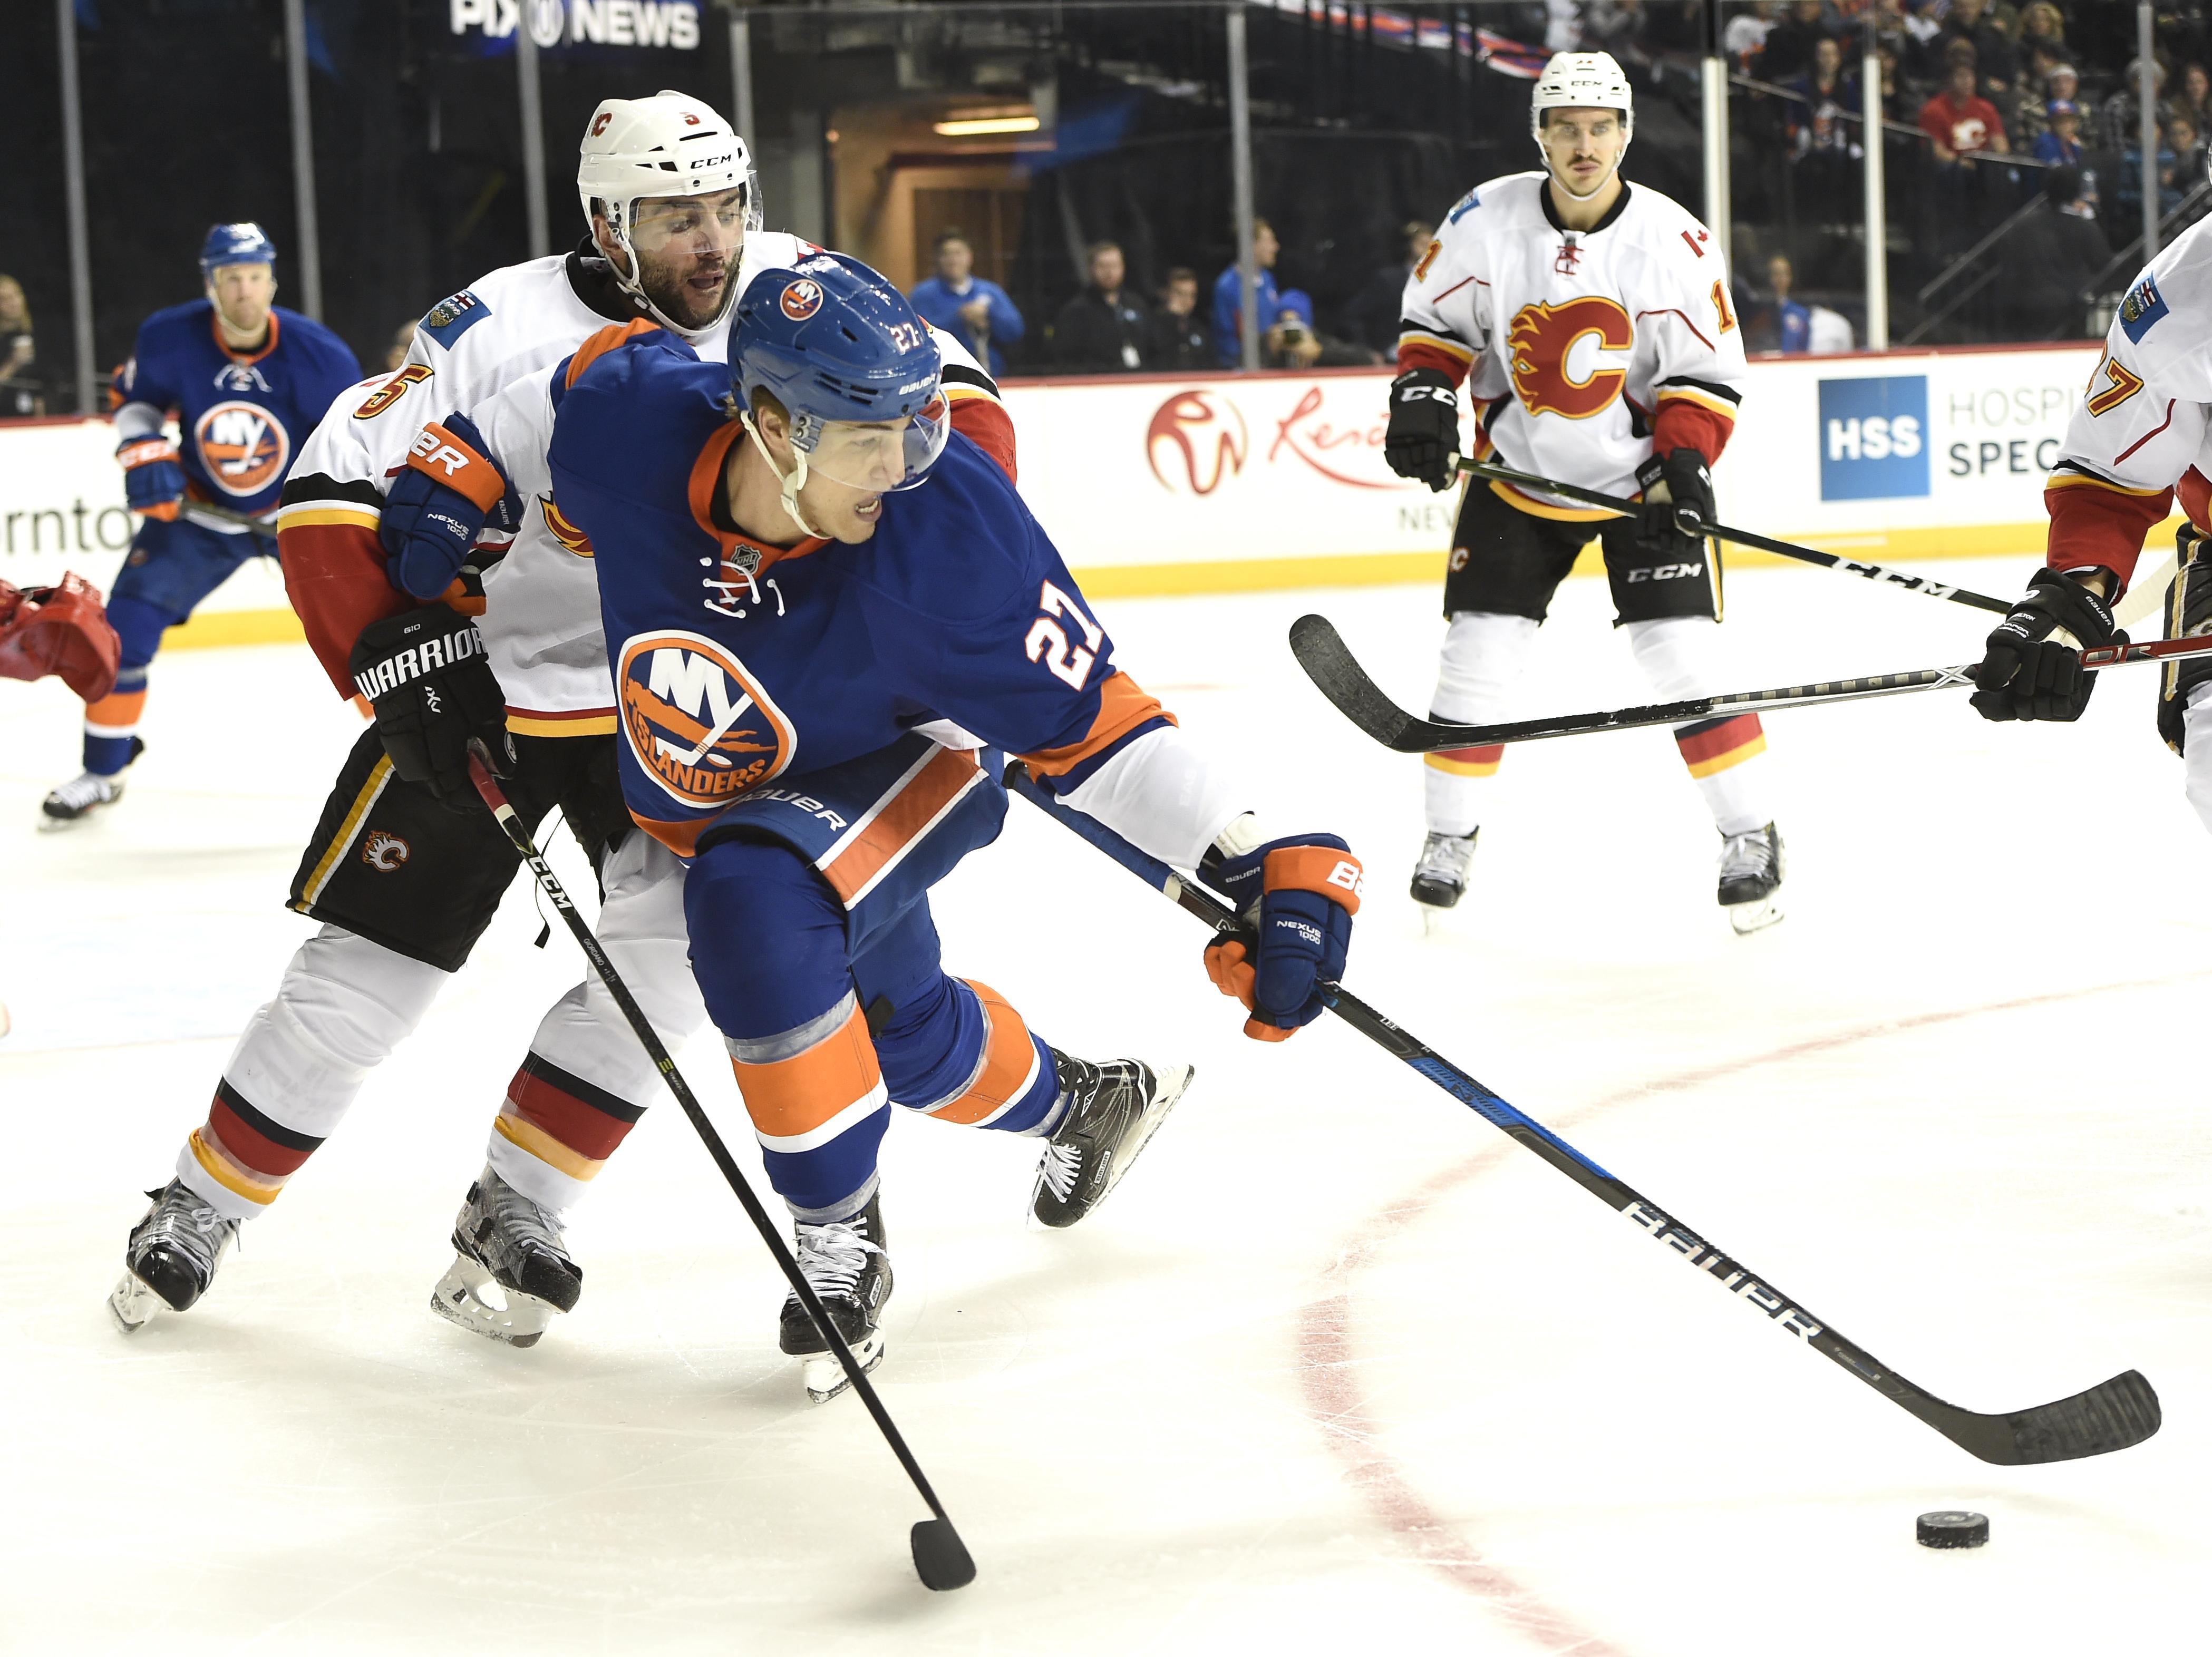 Flames_islanders_hockey